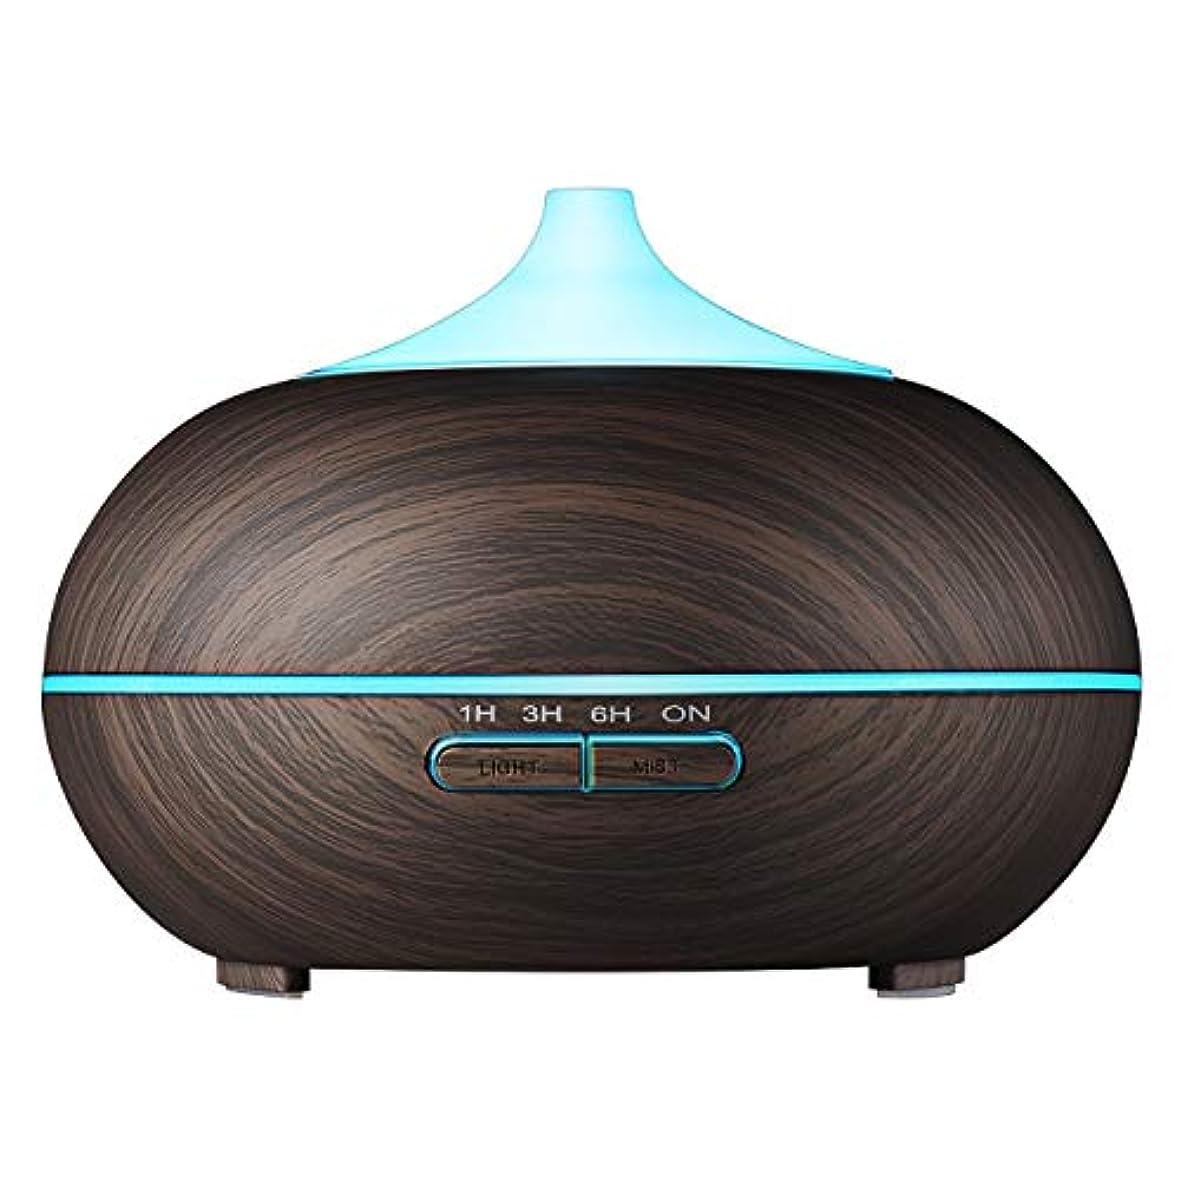 汚染従順組み立てるVicTsing 300 ml Aromatherapy Essential Oil Diffuser、超音波クールなミスト加湿器with 14 – カラーLEDライト、木目デザイン